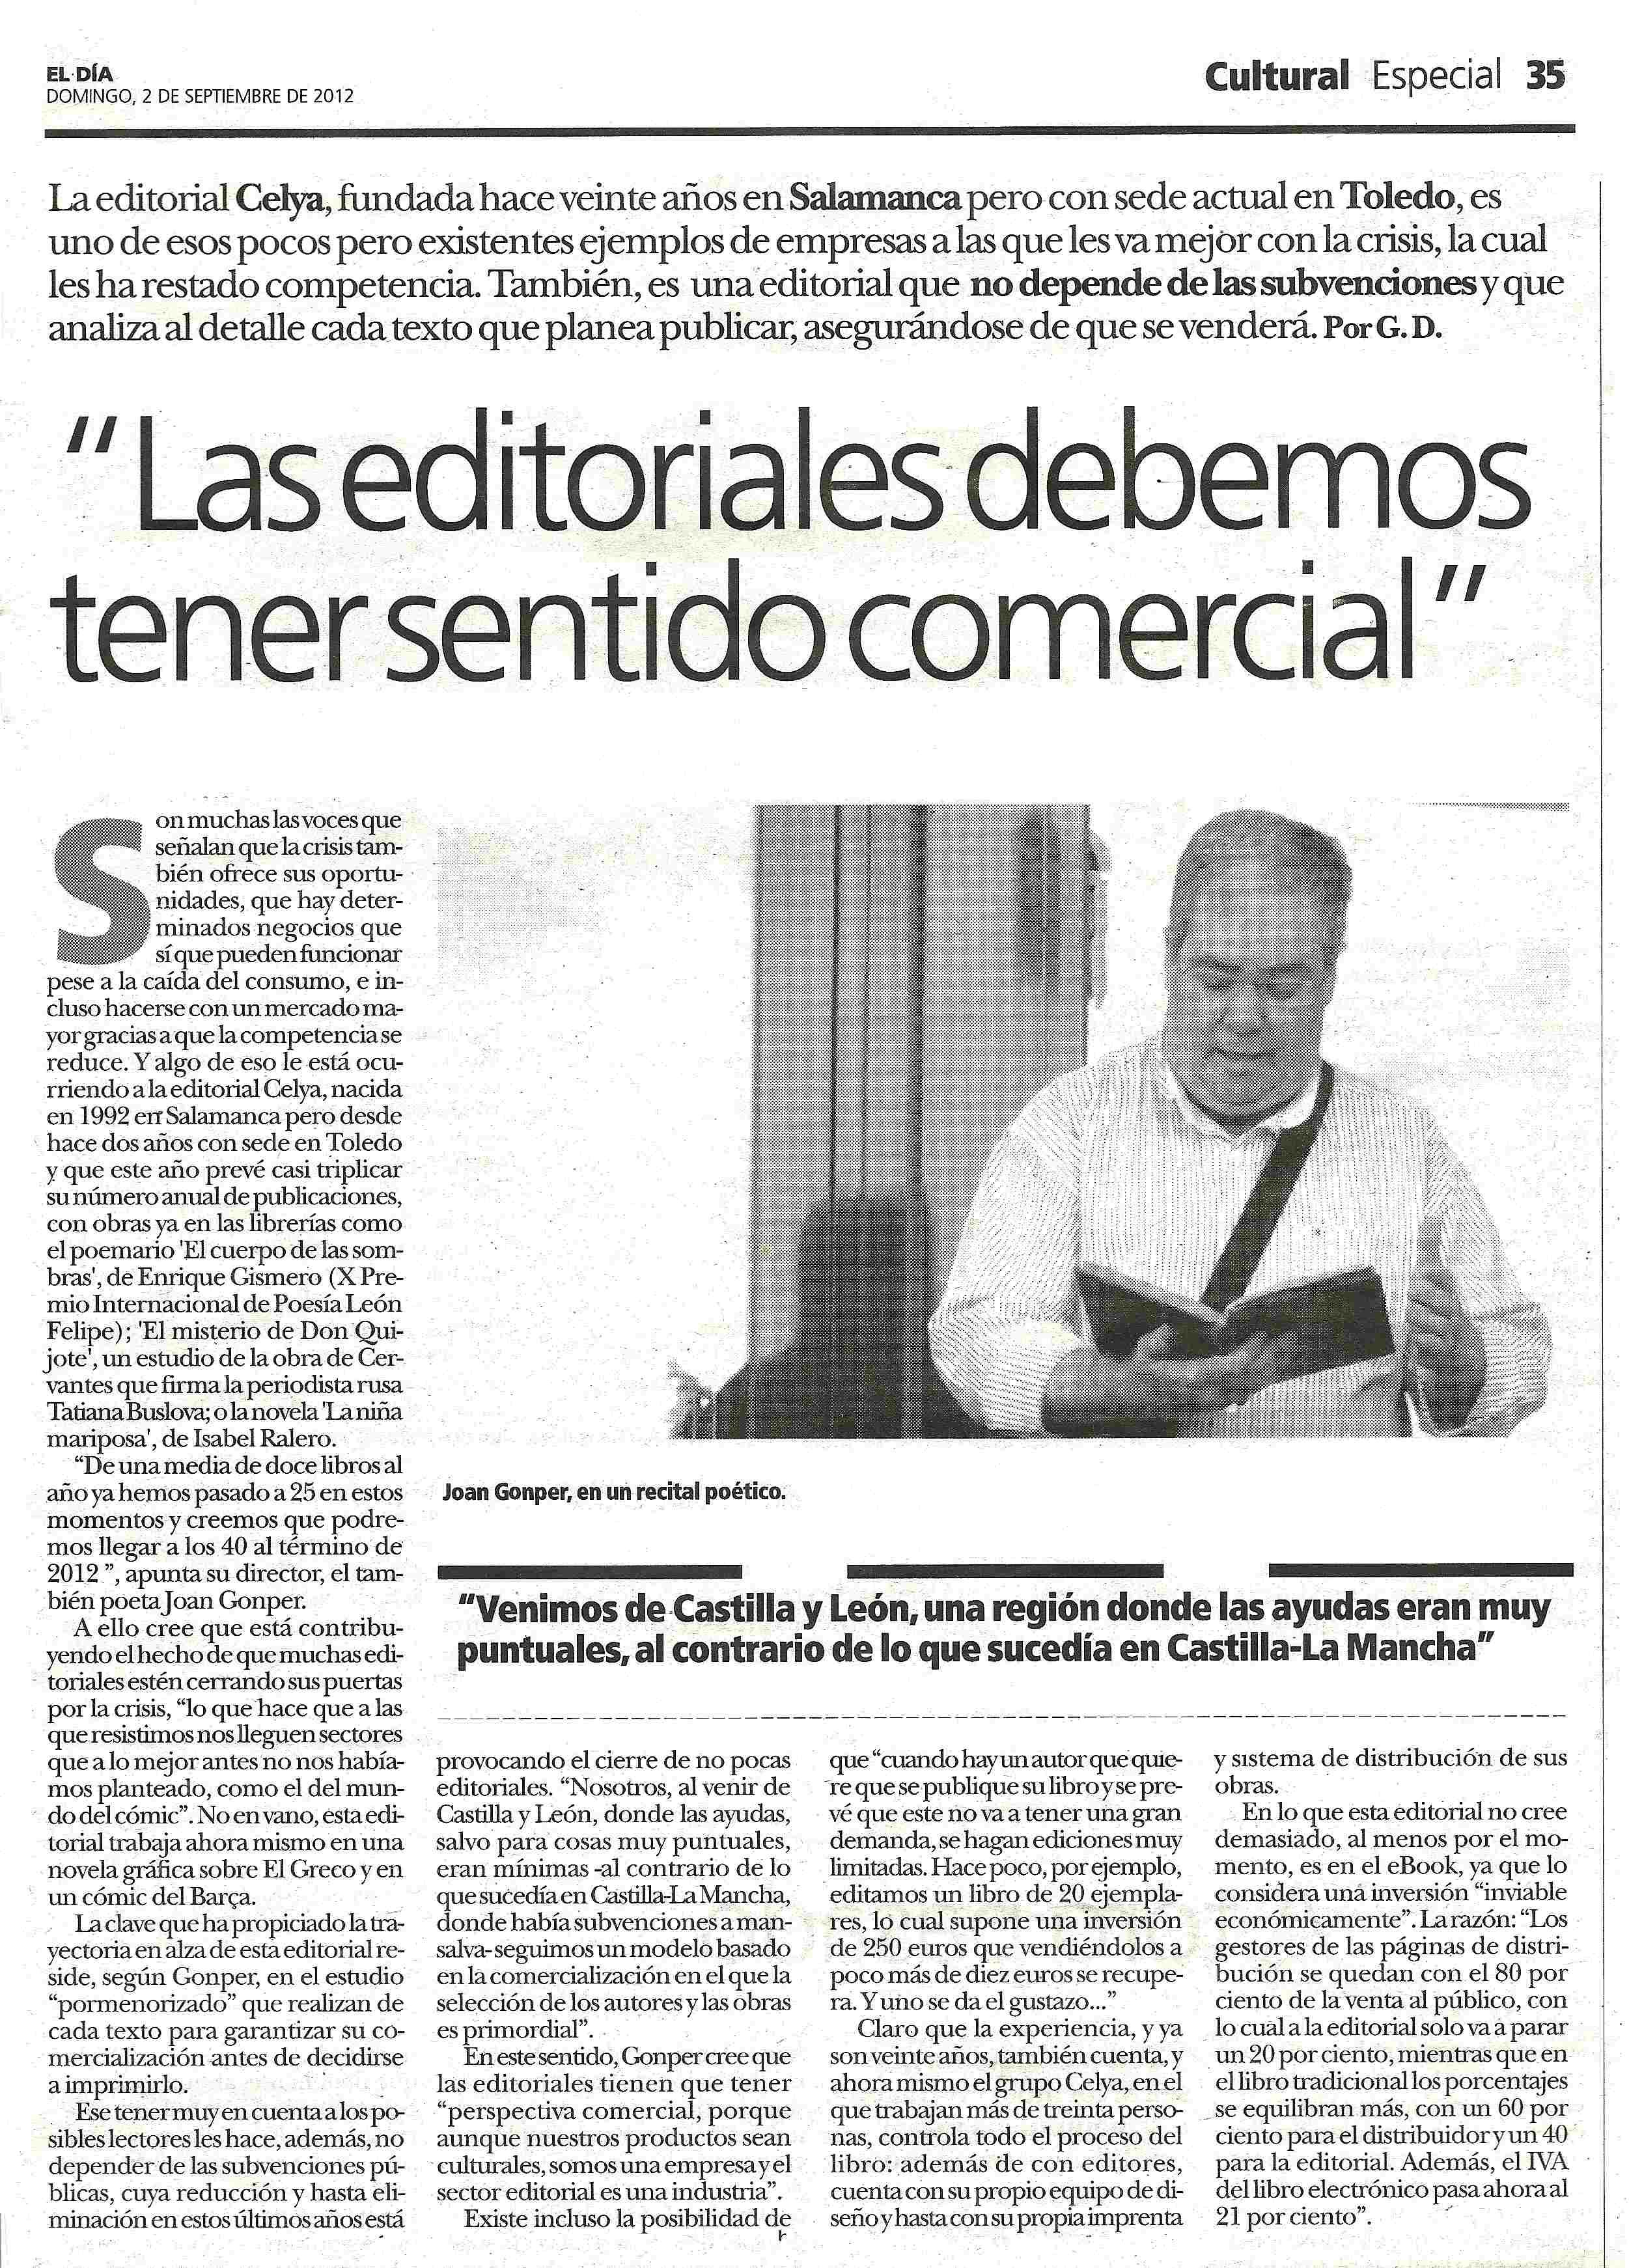 EL DIA DE CASTILLA LA MANCHA : Sentido comercial. Por Gorka D.